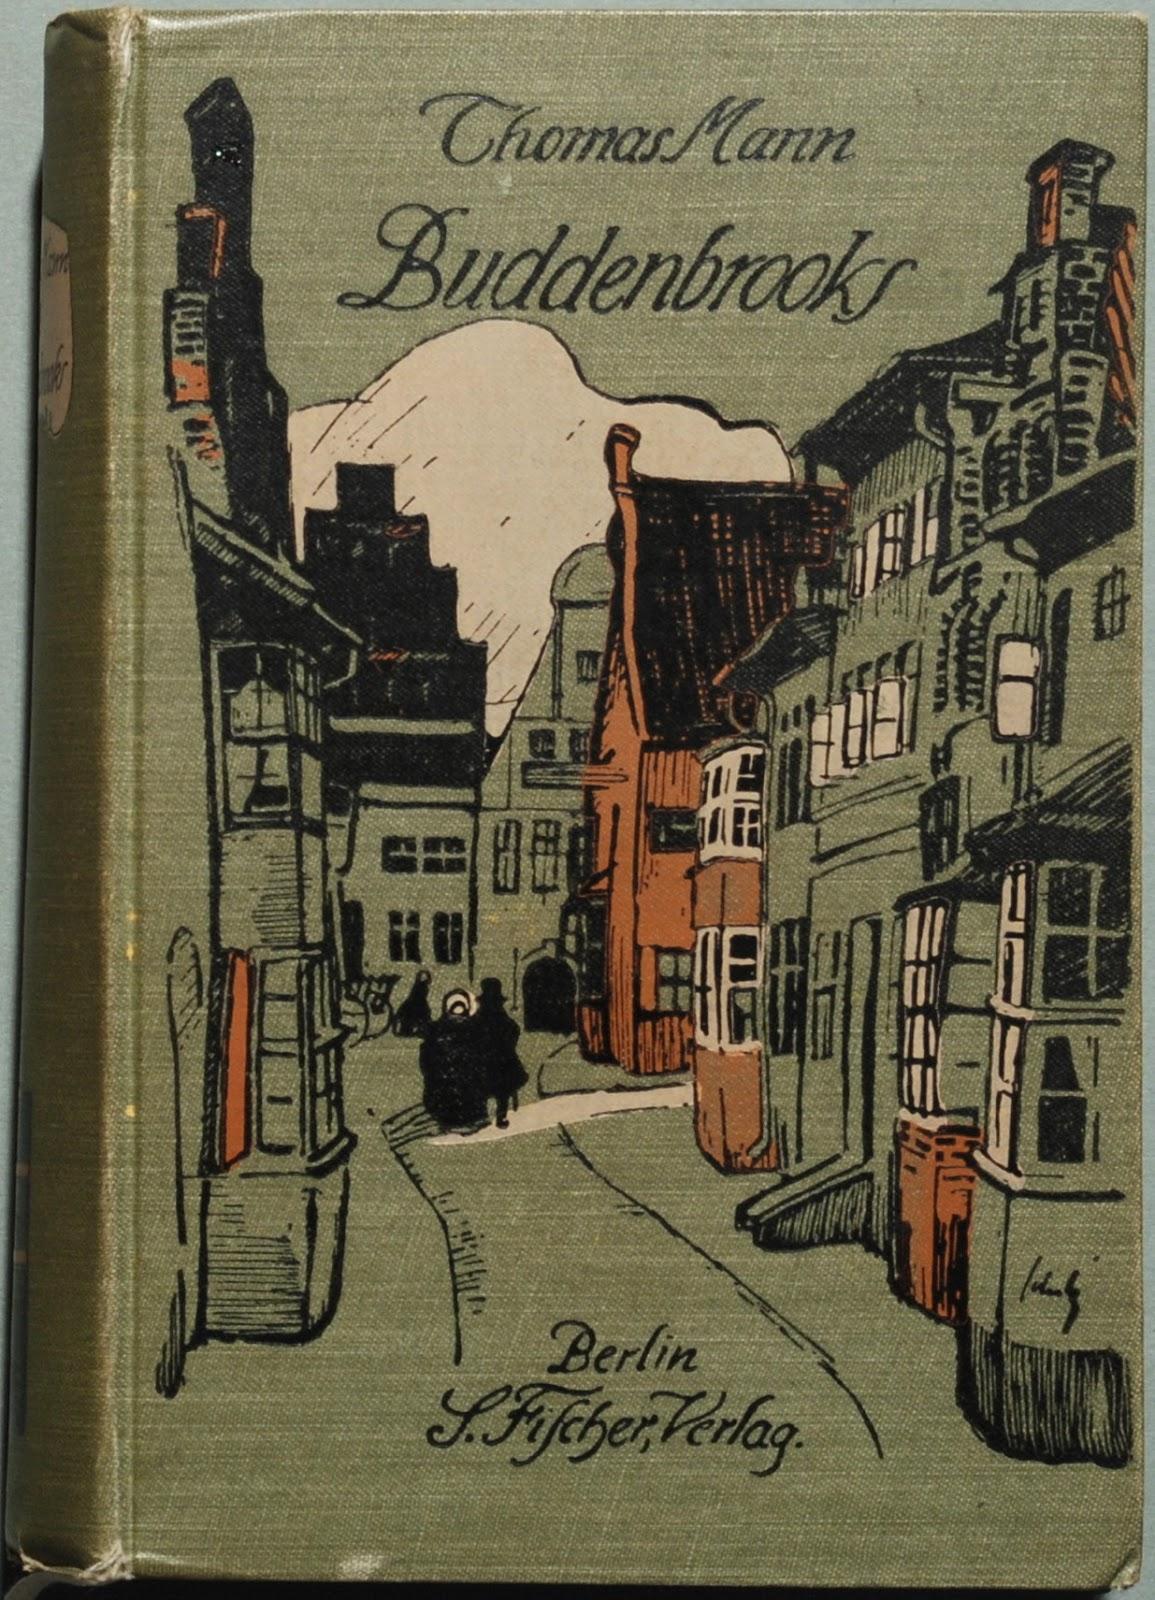 Buddenbrocks